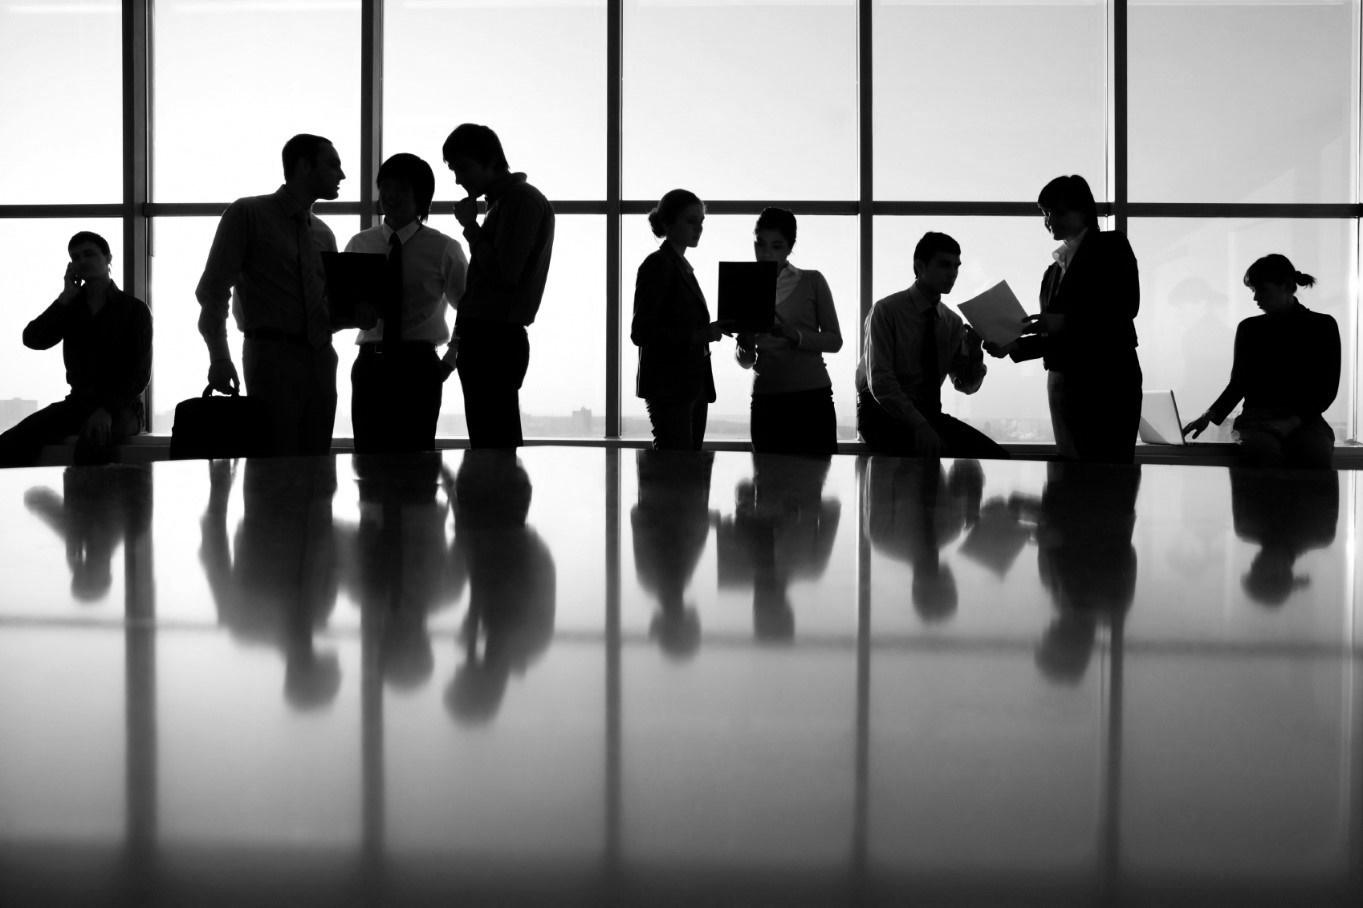 Newsalert - Corte di Giustizia UE: gli Stati Membri devono prevedere l'obbligo per i datori di lavoro di adottare un sistema di registrazione dell'orario giornaliero